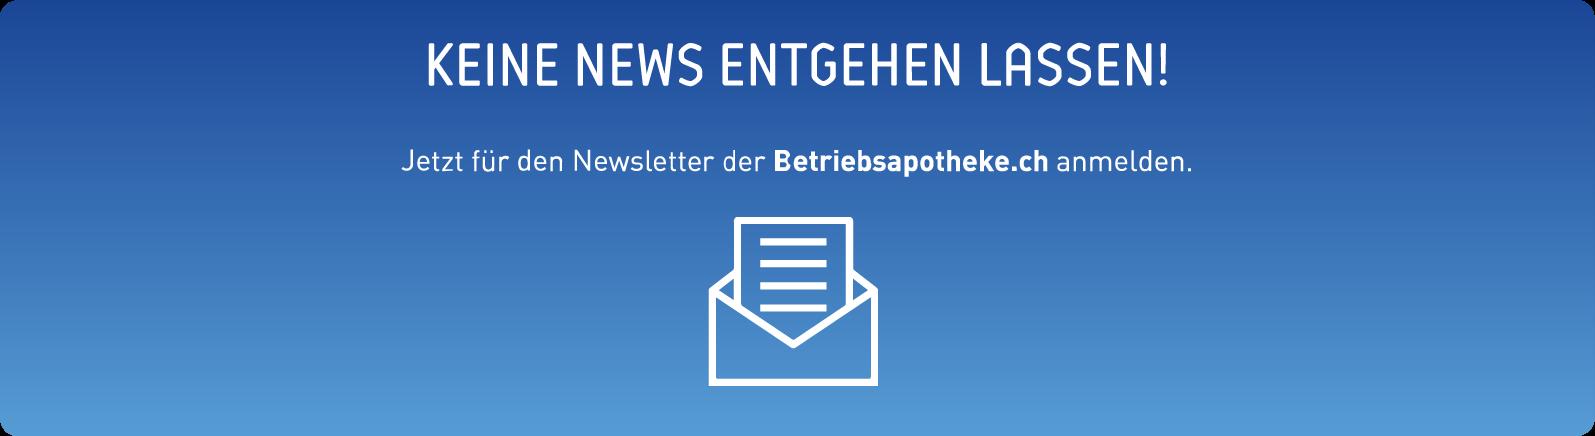 Keine Newsletter entgehen lassen!